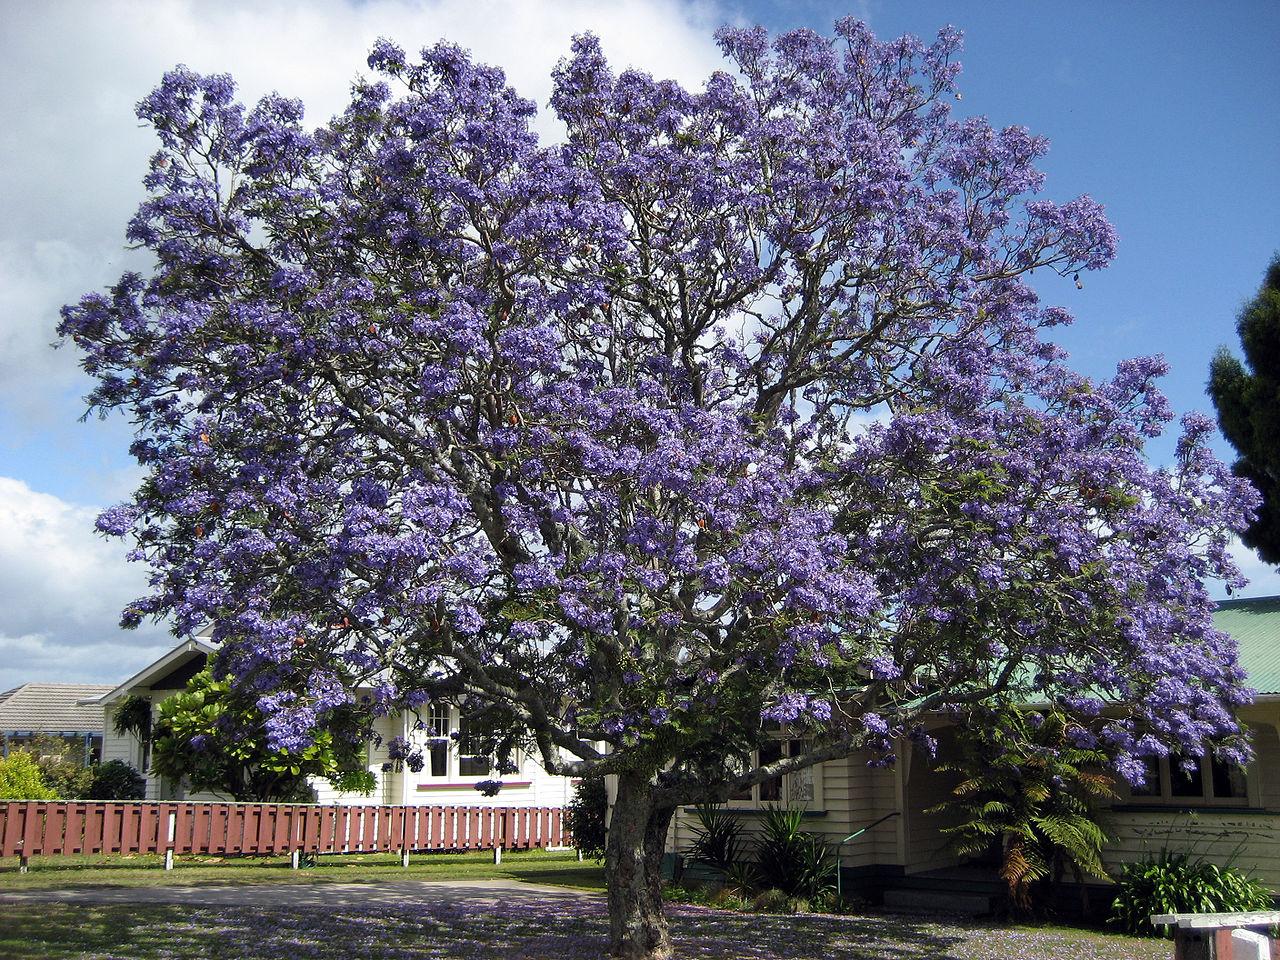 El jacarandá es un árbol ornamental